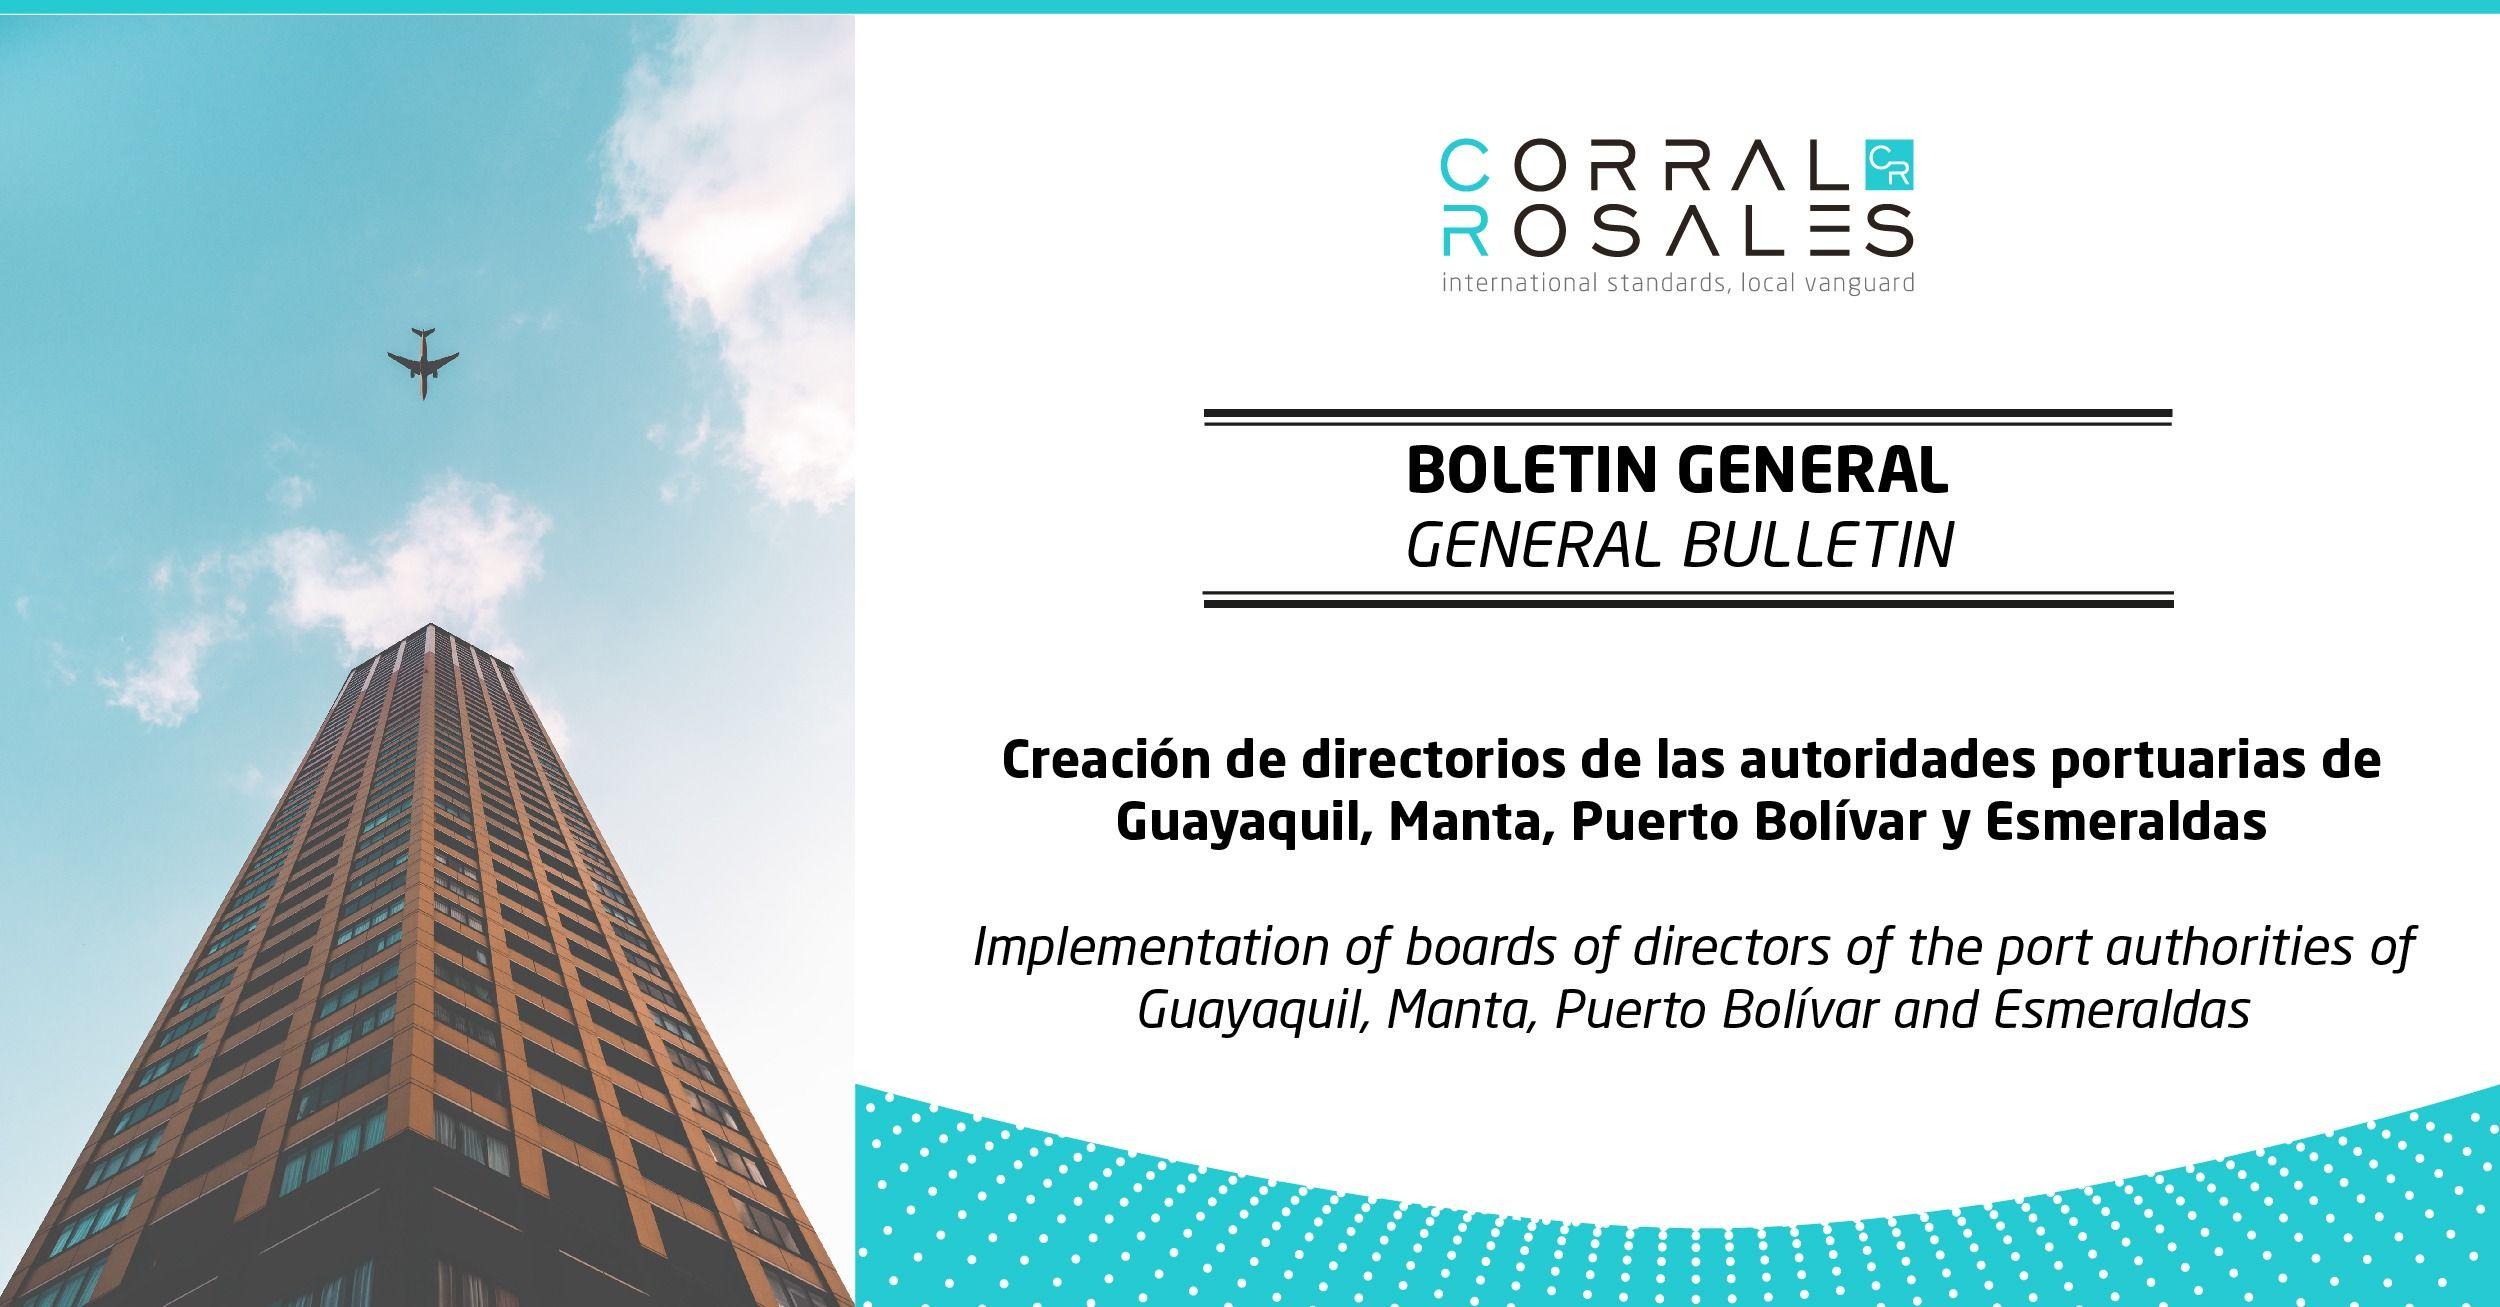 Creación de directorios de las autoridades portuarias de Guayaquil, Manta, Puerto Bolívar y Esmeraldas - CorralRosales - Abogados Ecuador